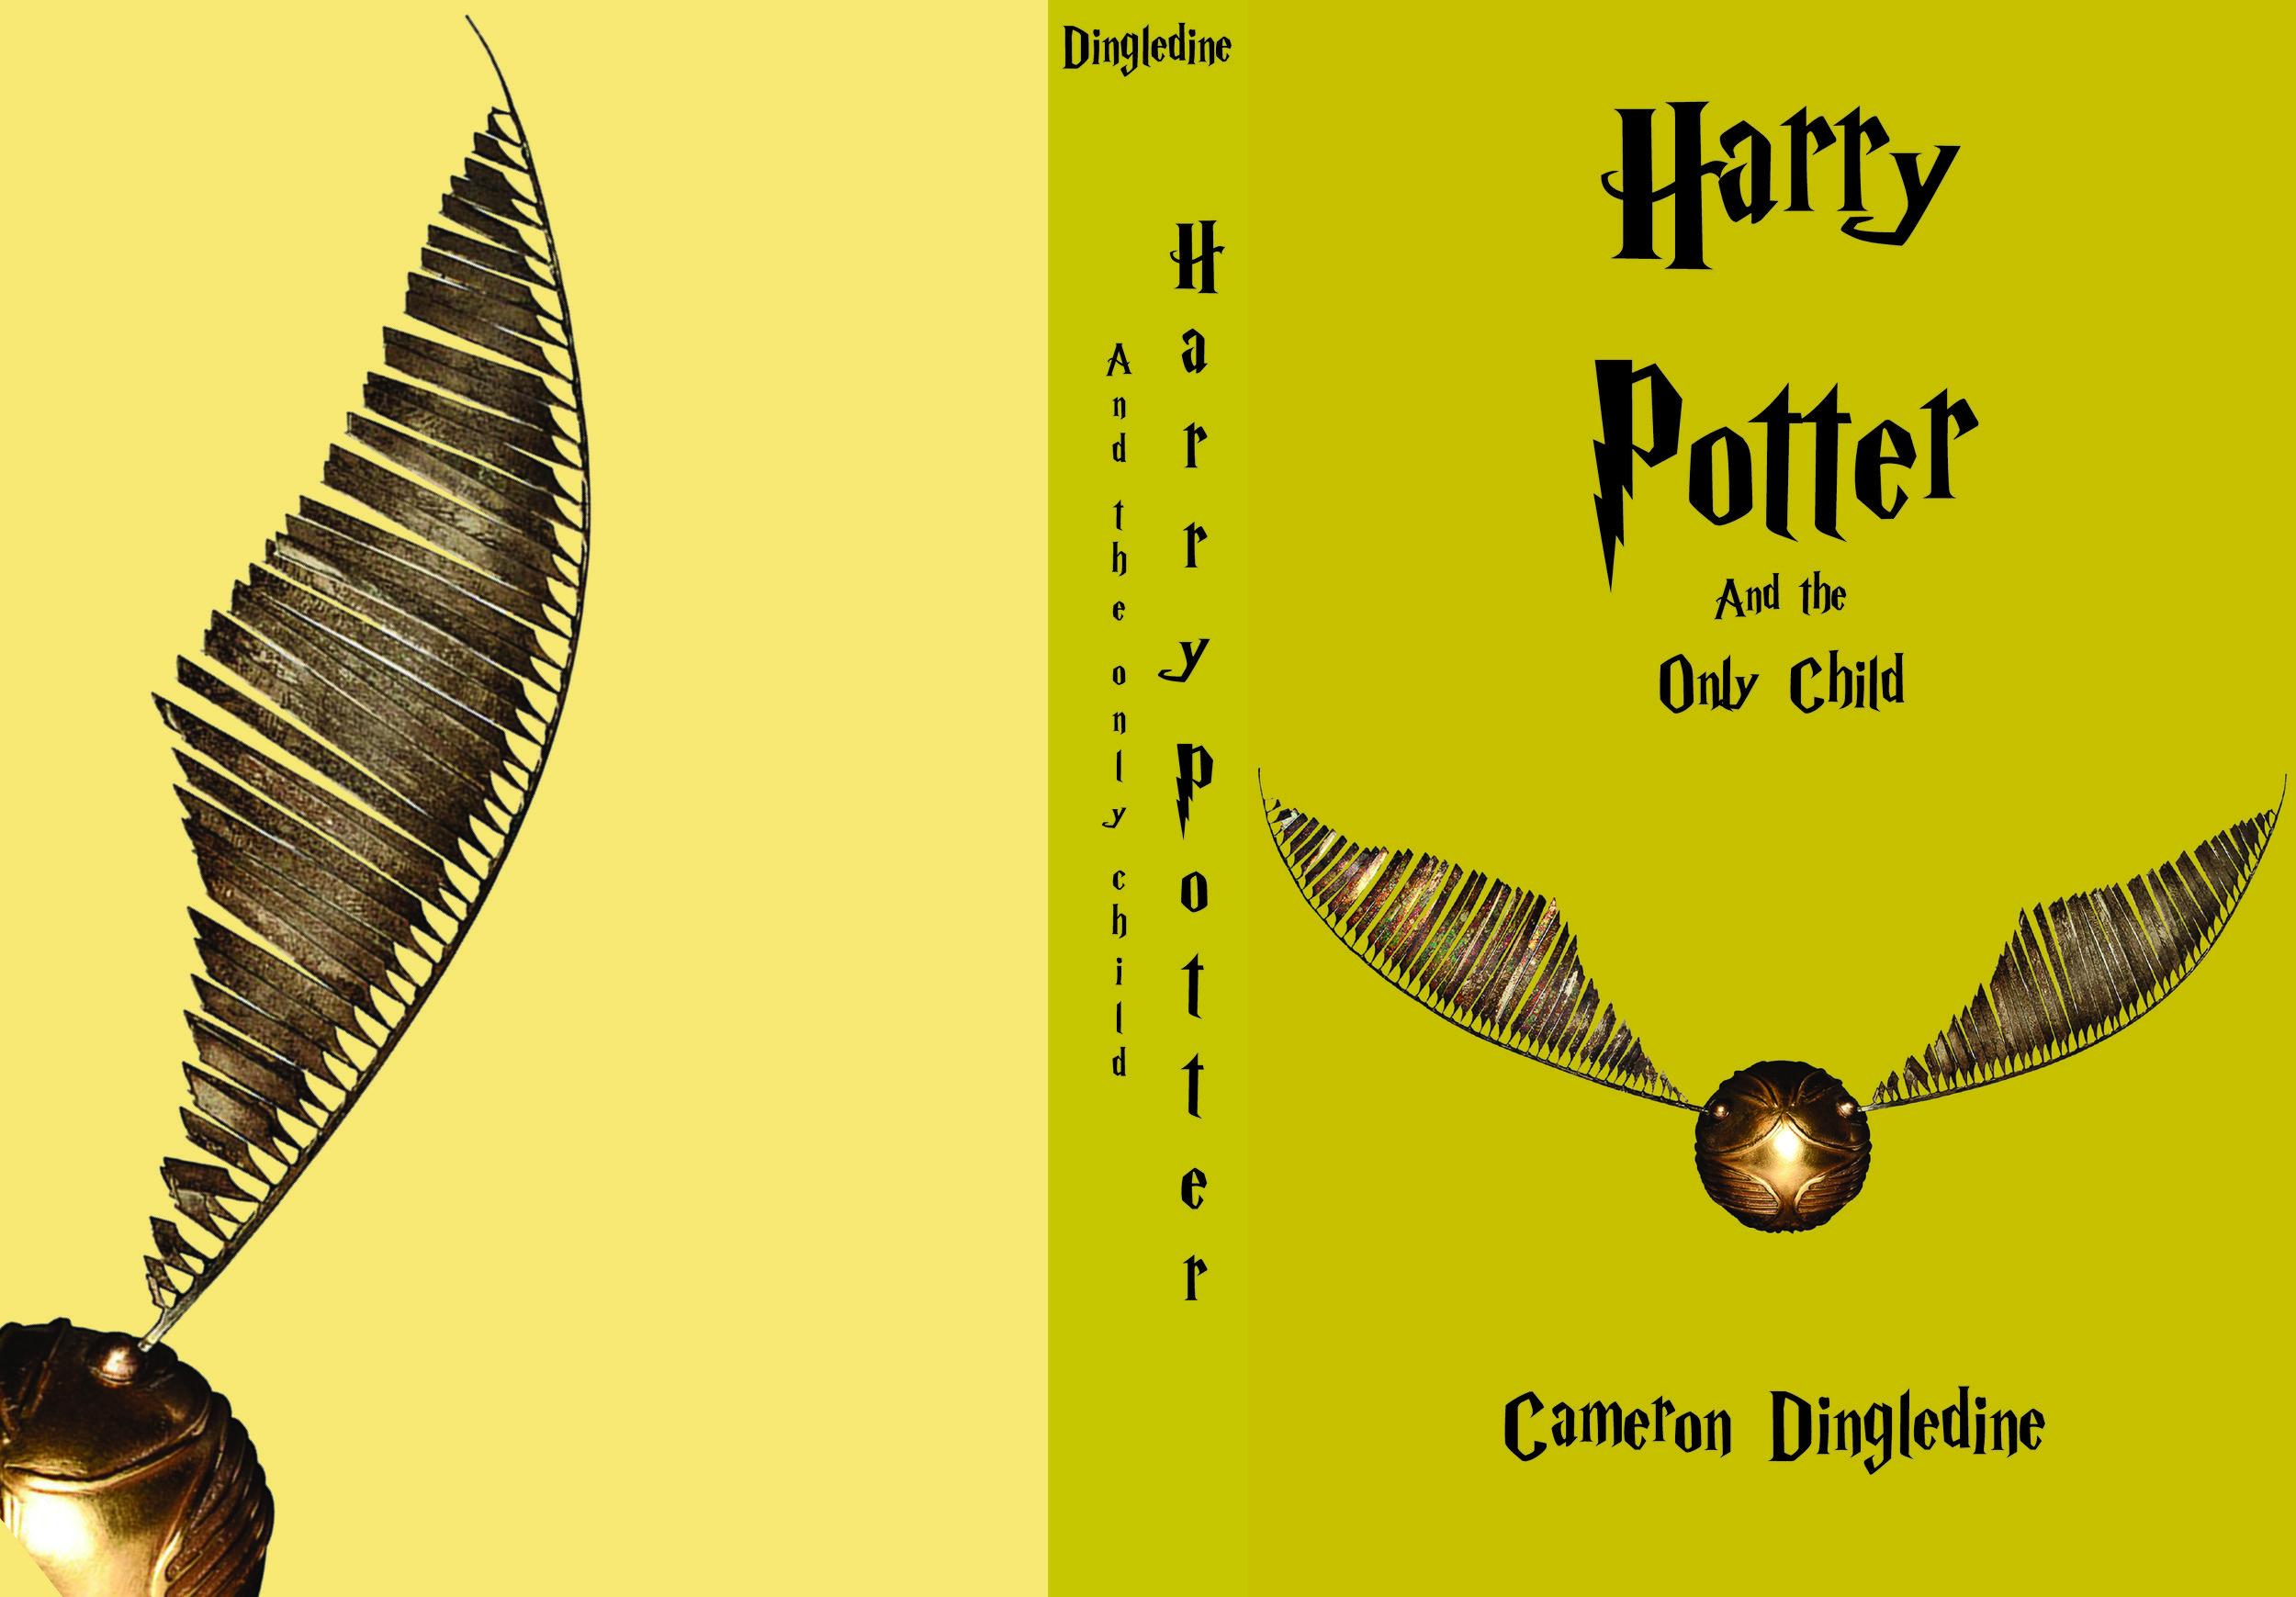 dingledine-book cover.jpg